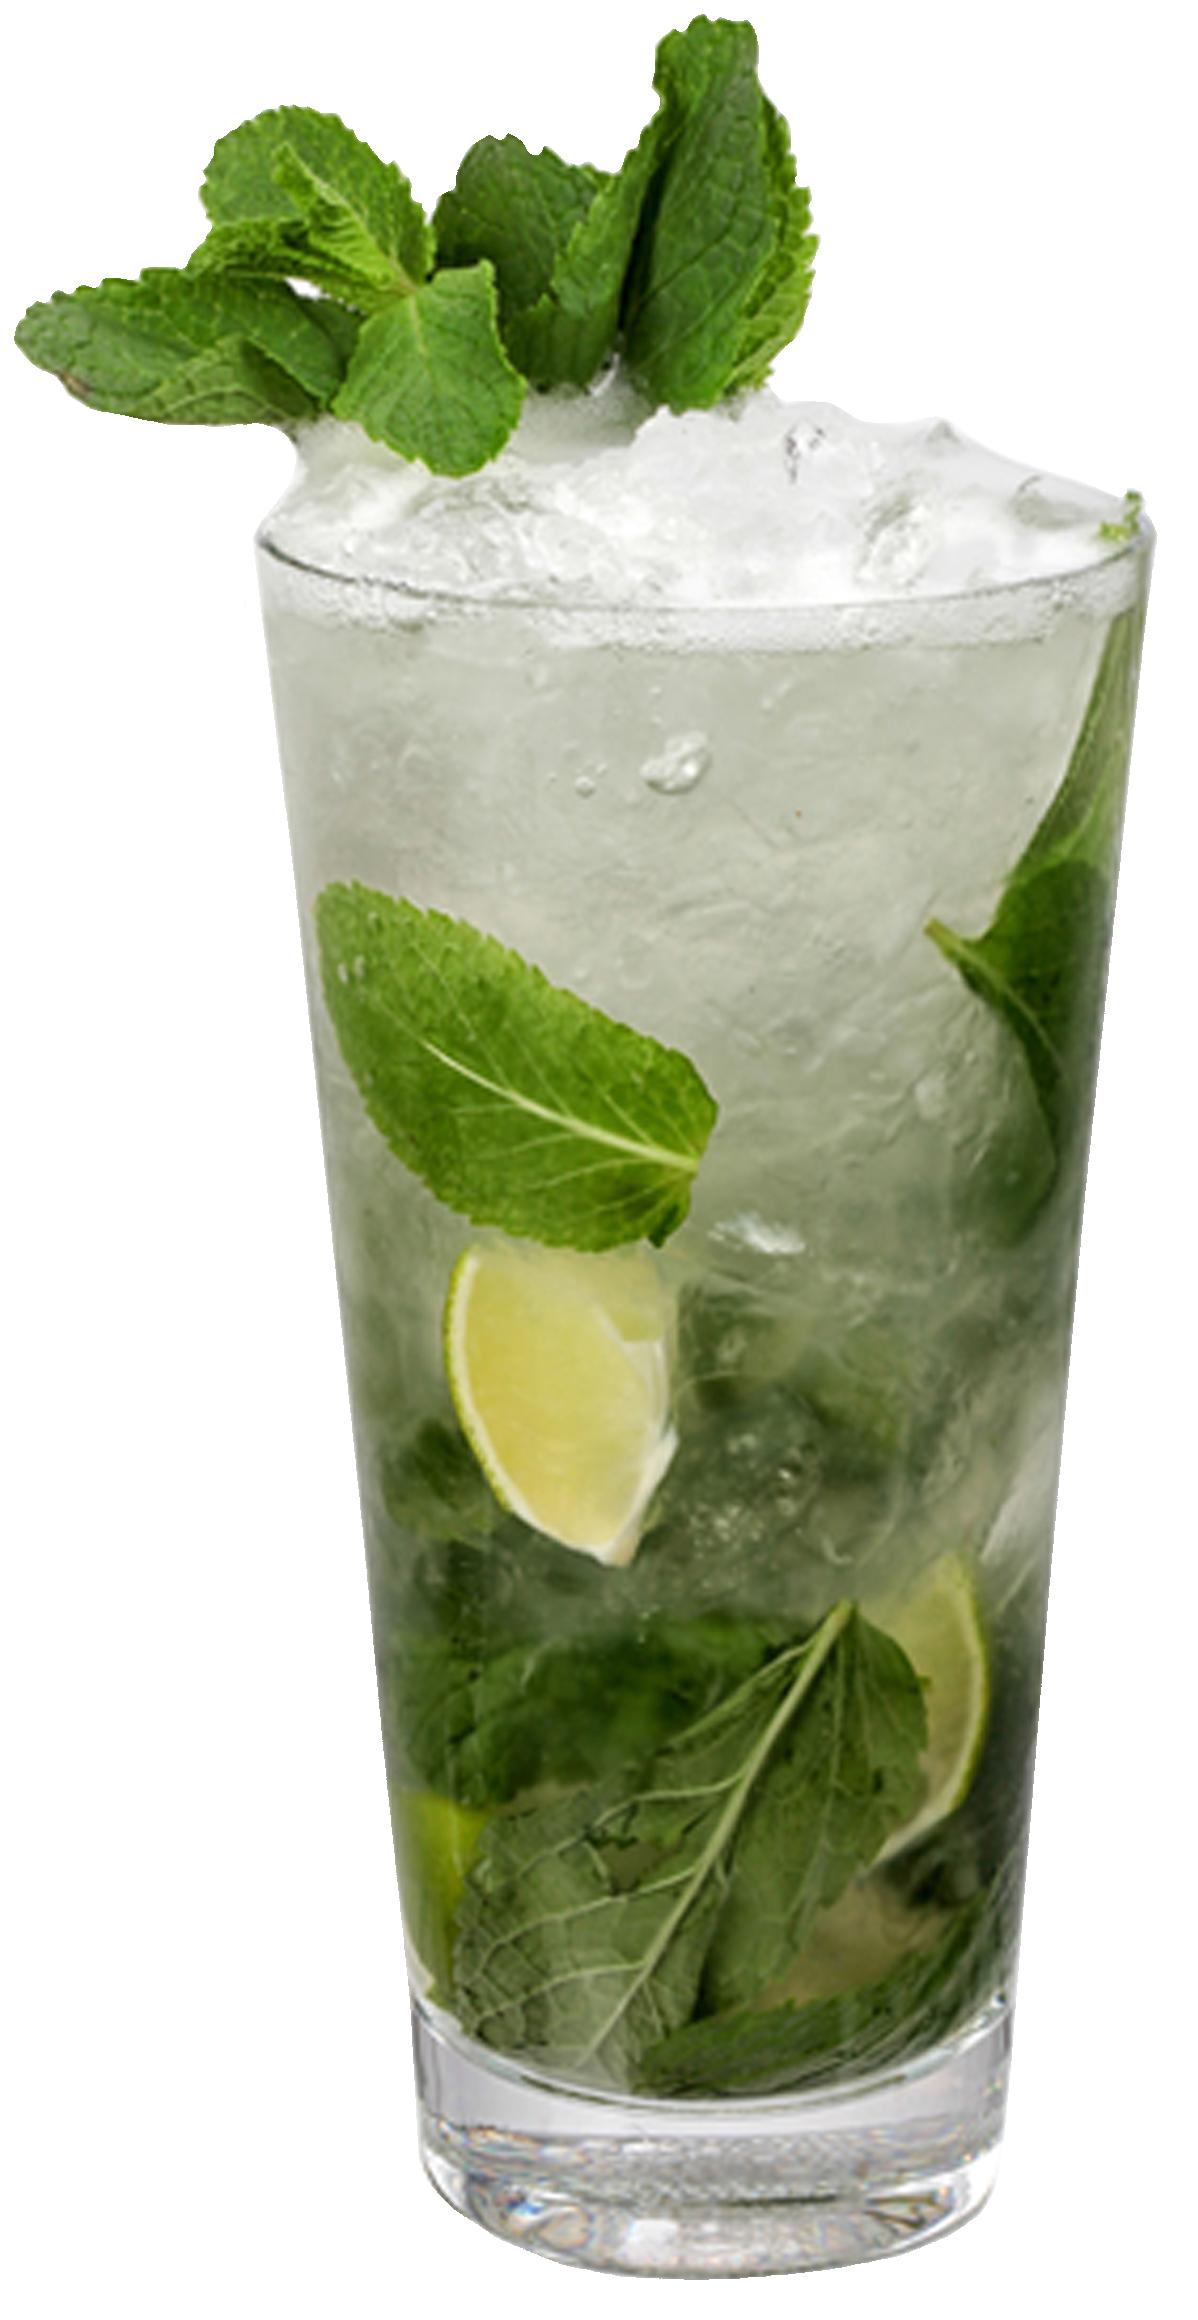 Mojitos - cocktails - arlequin - restaurant - soirée - ambiance - cap d'agde -